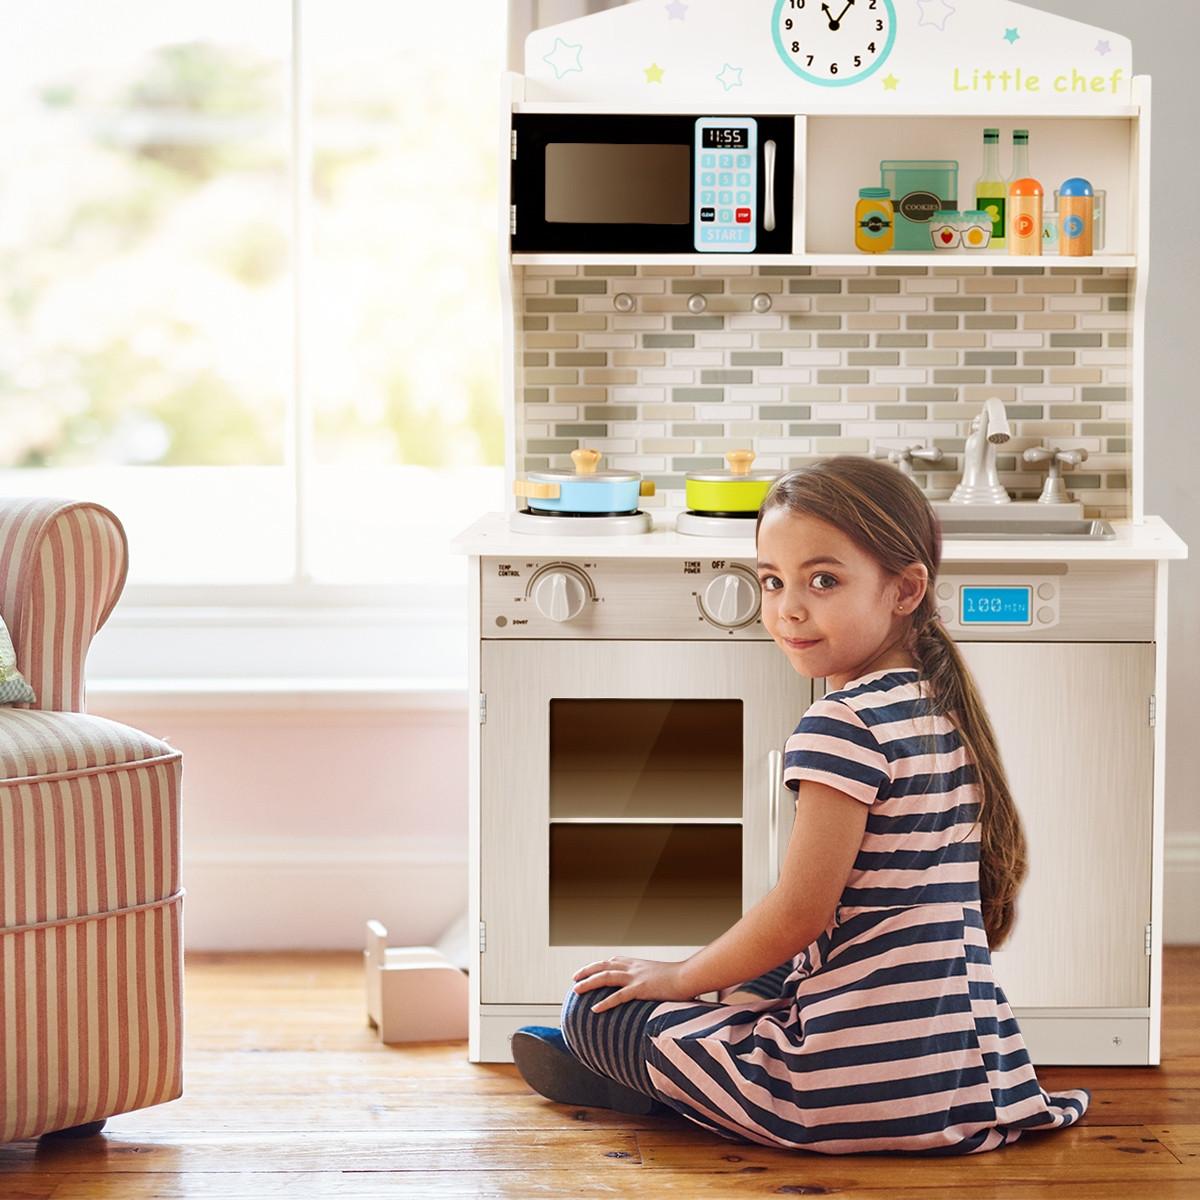 WEIFU Экологически чистая деревянная игрушка, ролевая игра, детский кухонный набор